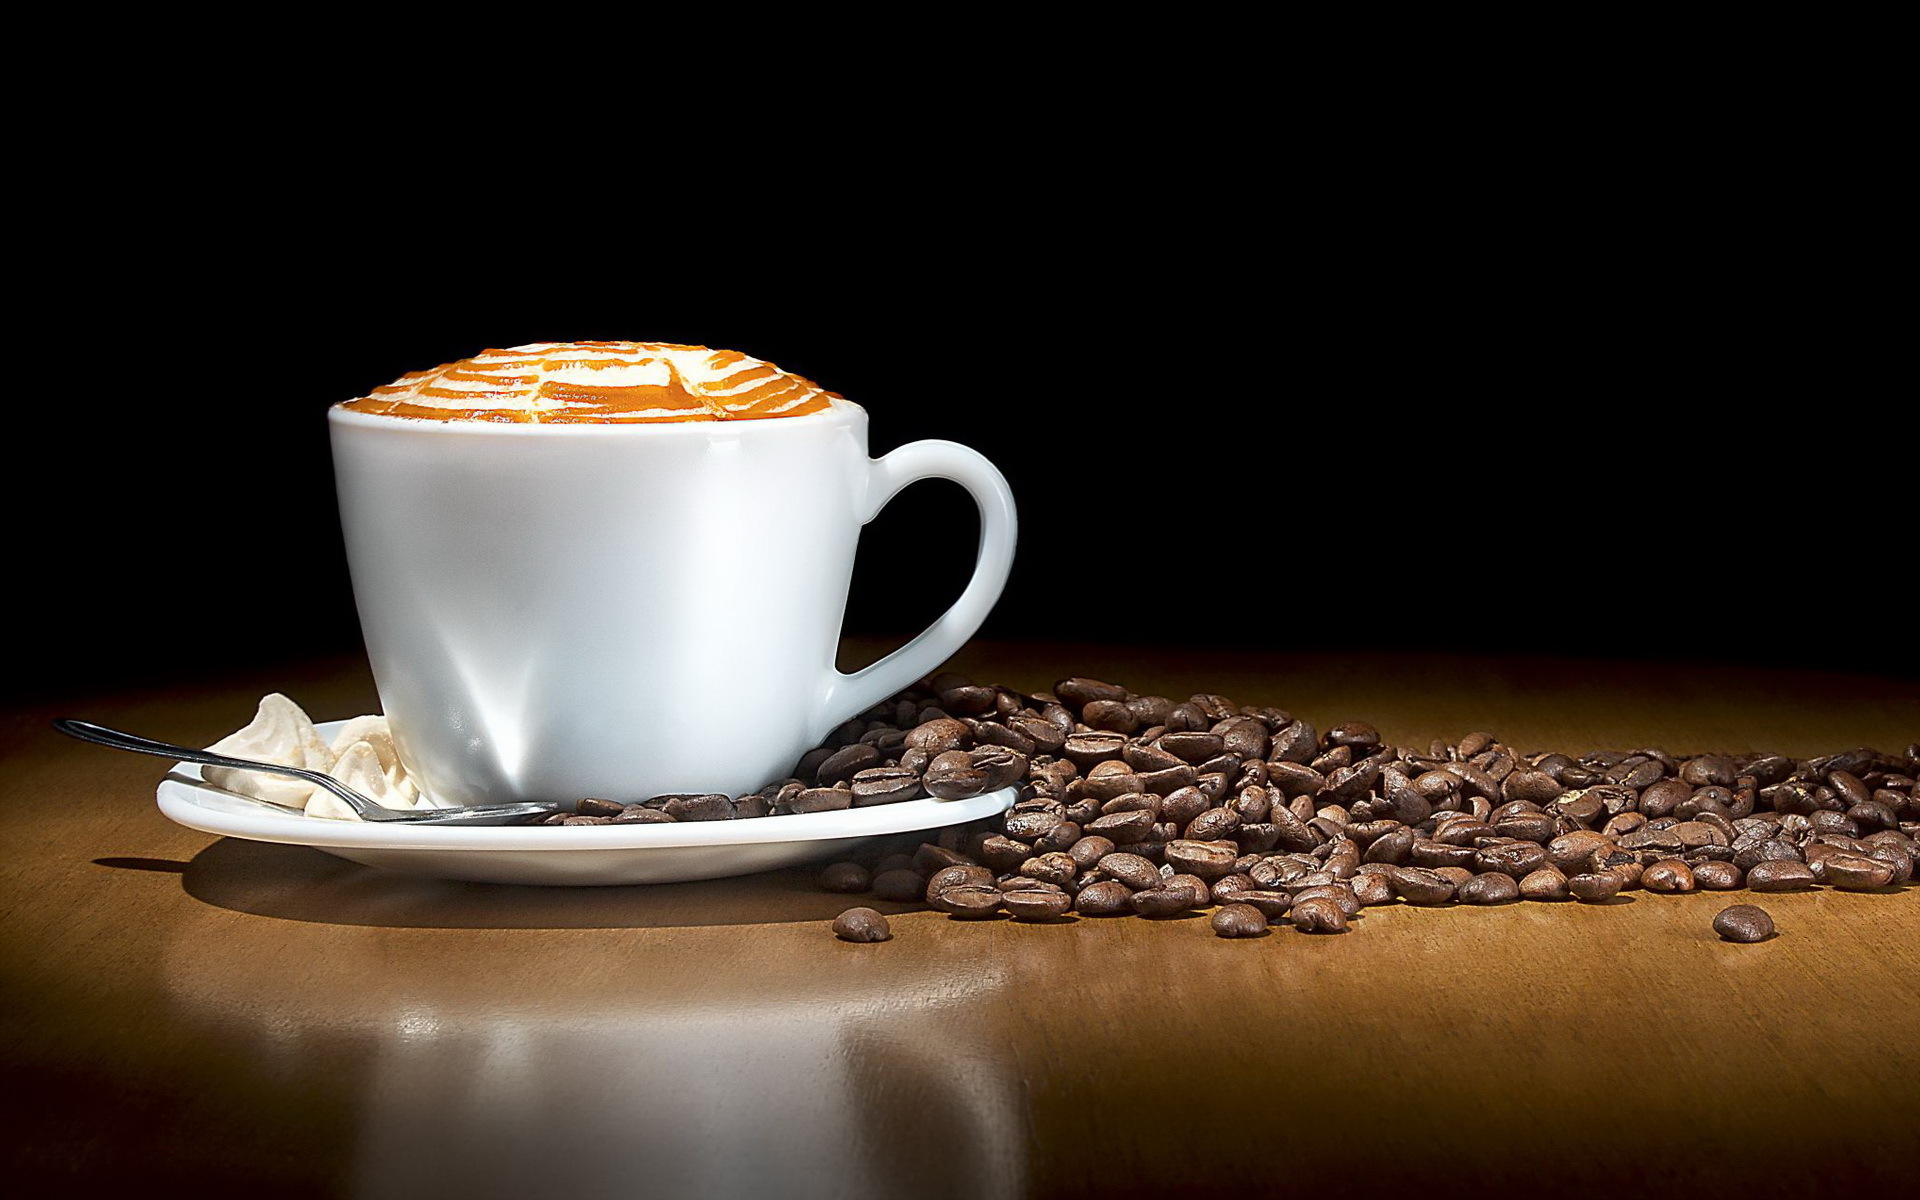 Starbucks Wallpaper Cute Coffee Wallpapers Hd Pixelstalk Net